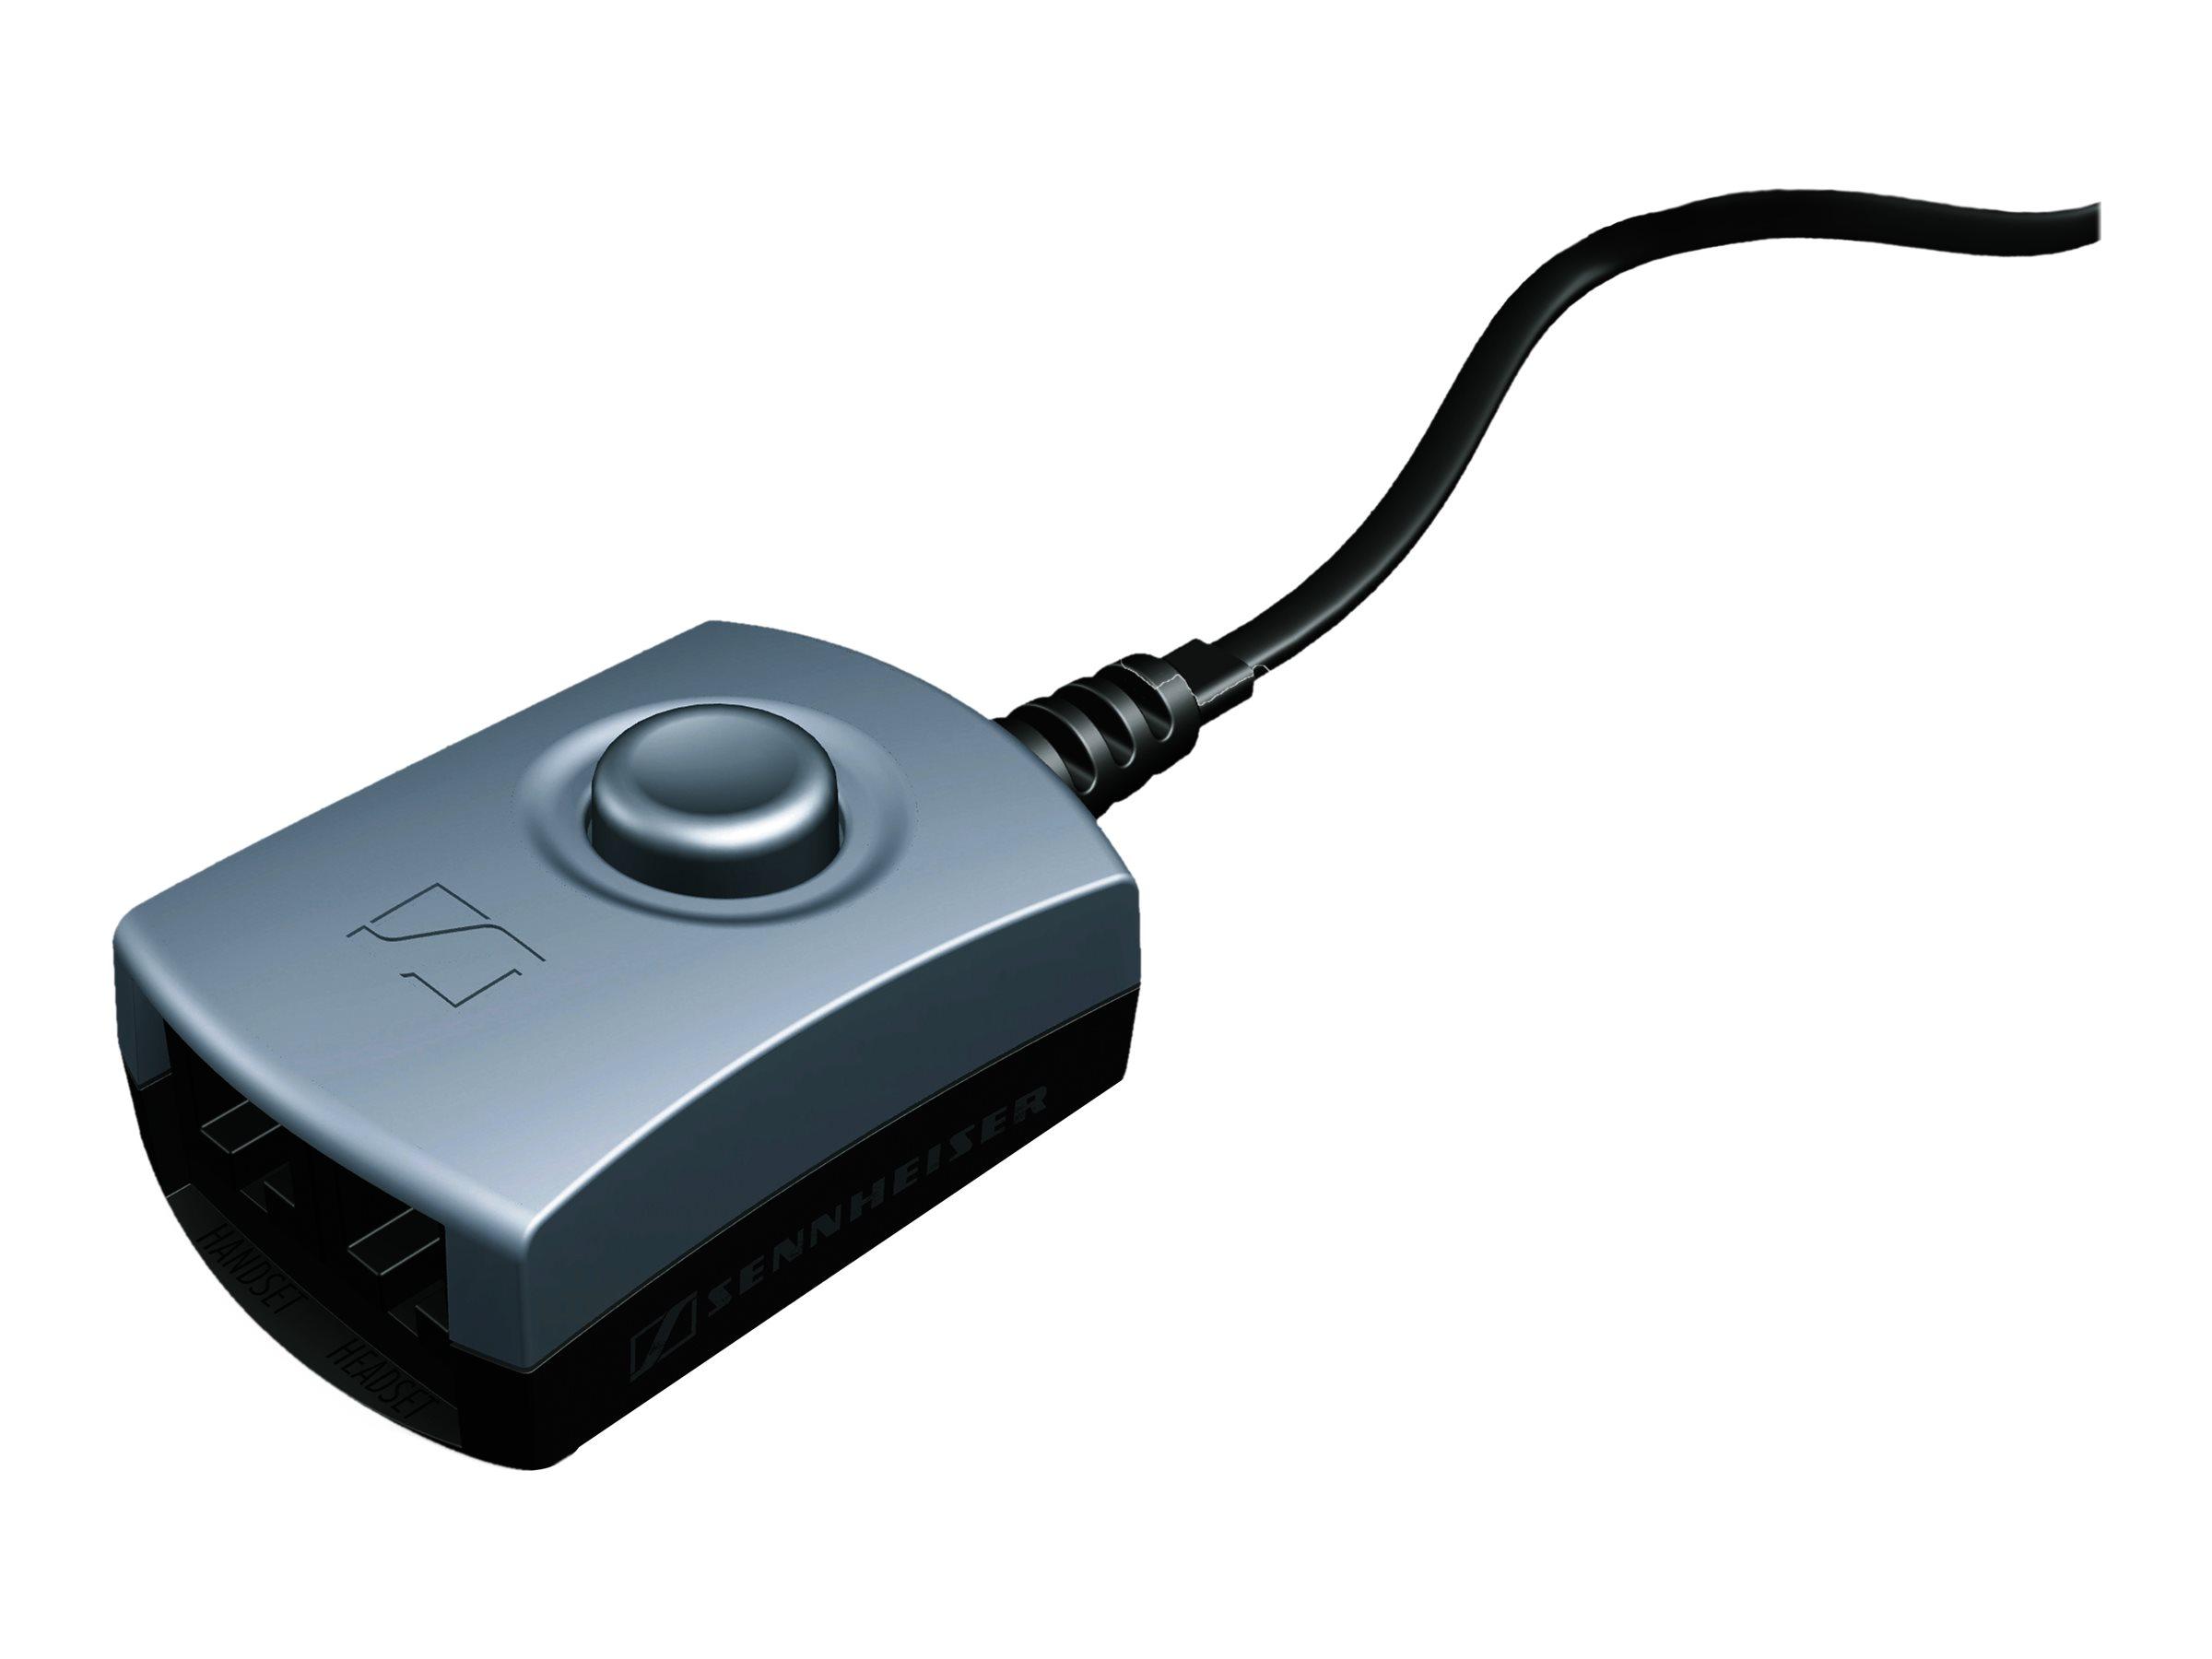 EPOS I SENNHEISER UI 710 - Umschalter für Headset, Tischtelefon